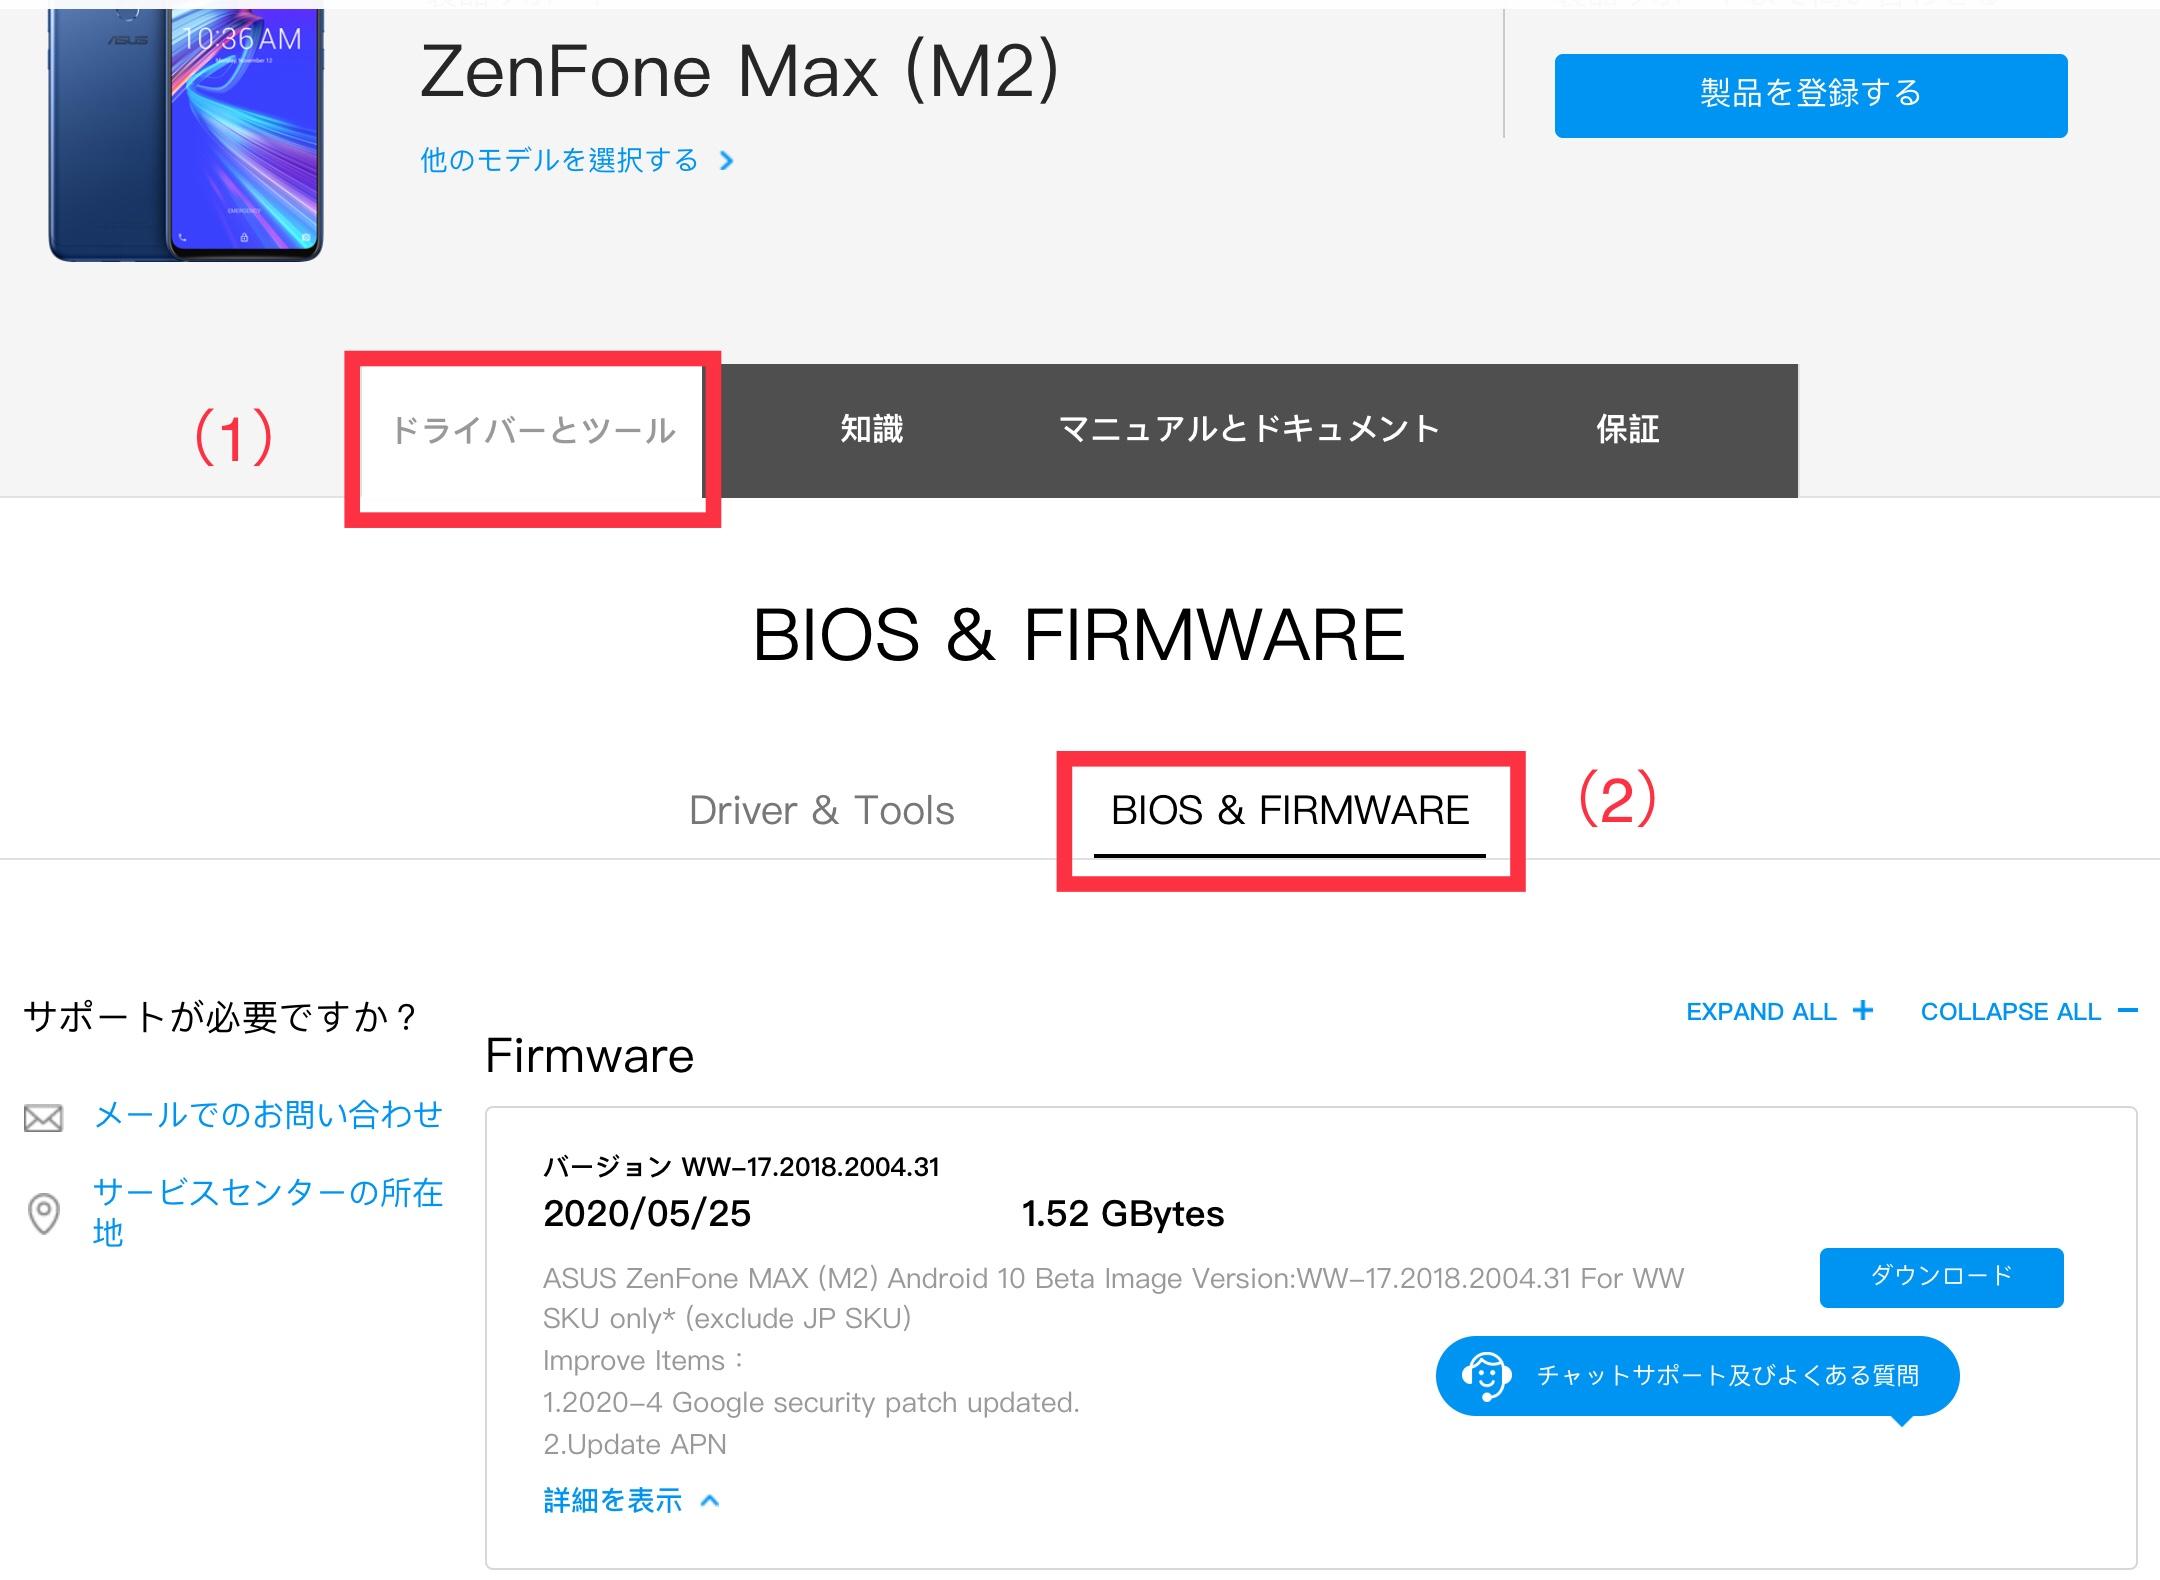 zenfone ファームウェア アップデート 頻度